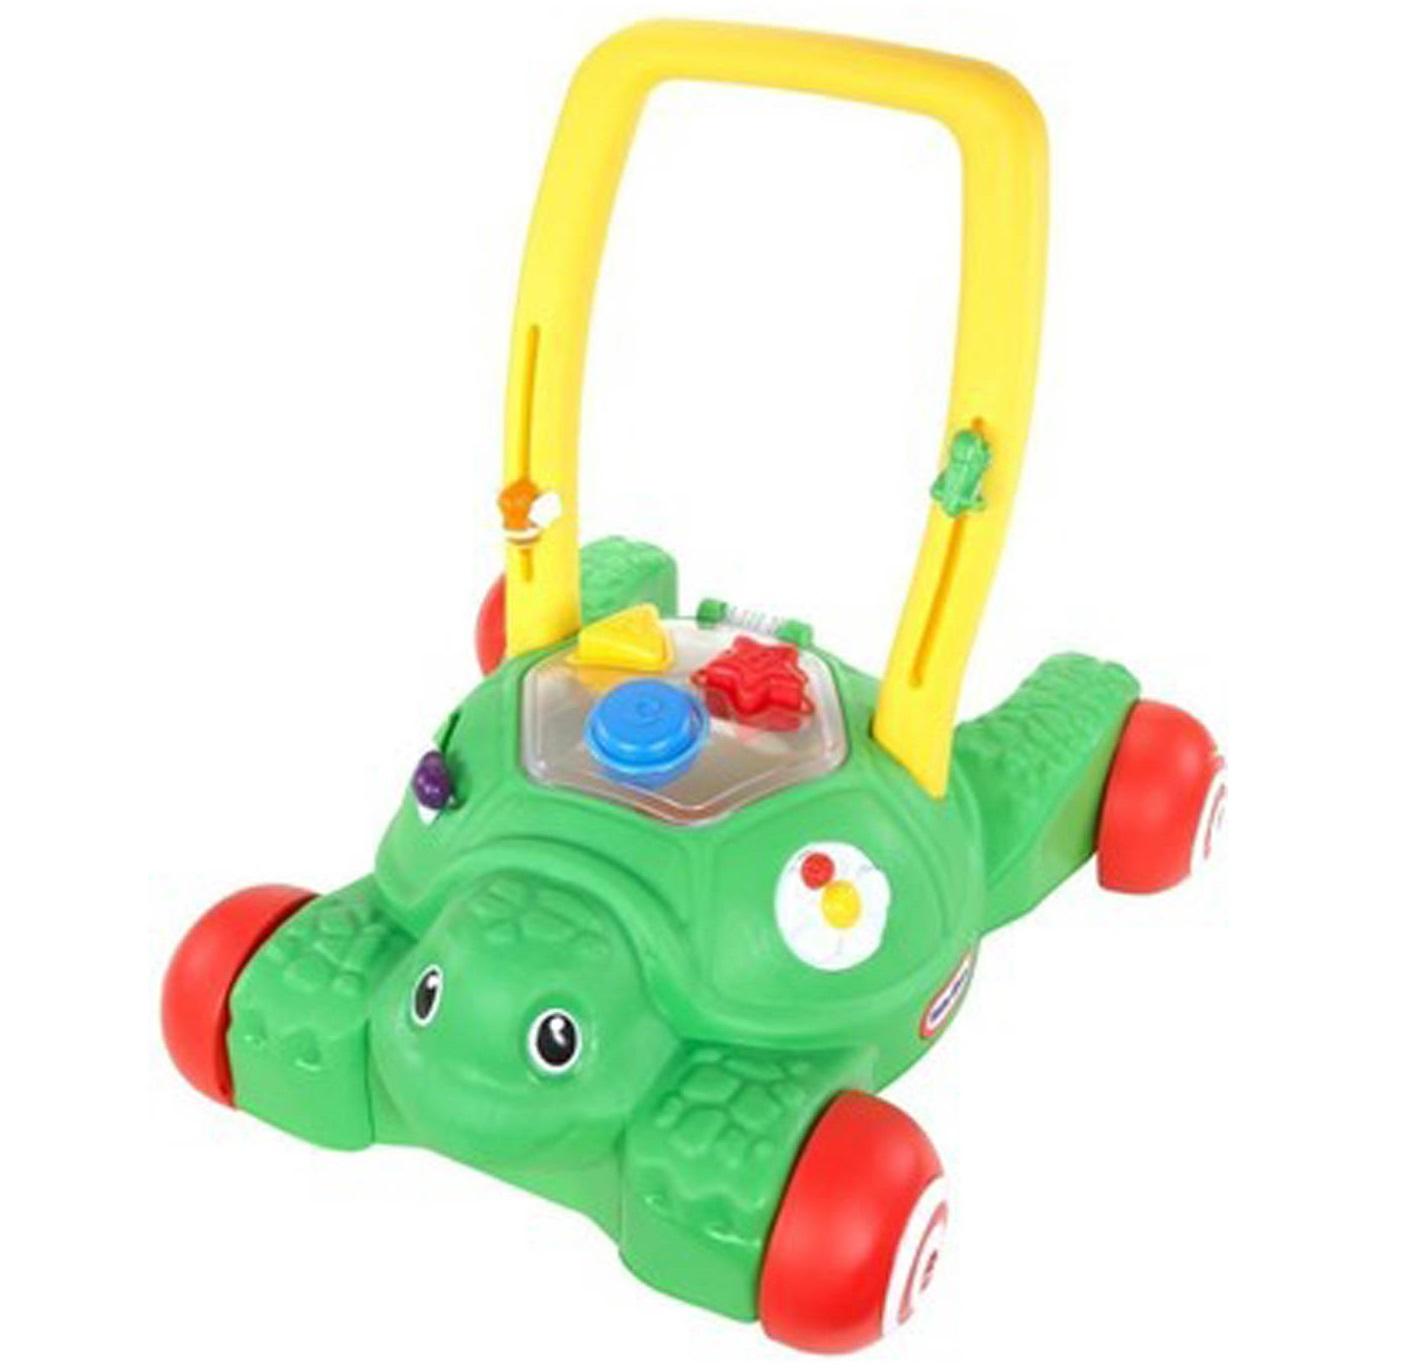 Xe đẩy tập đi kèm đồ chơi Little Tikes 2in1 Push